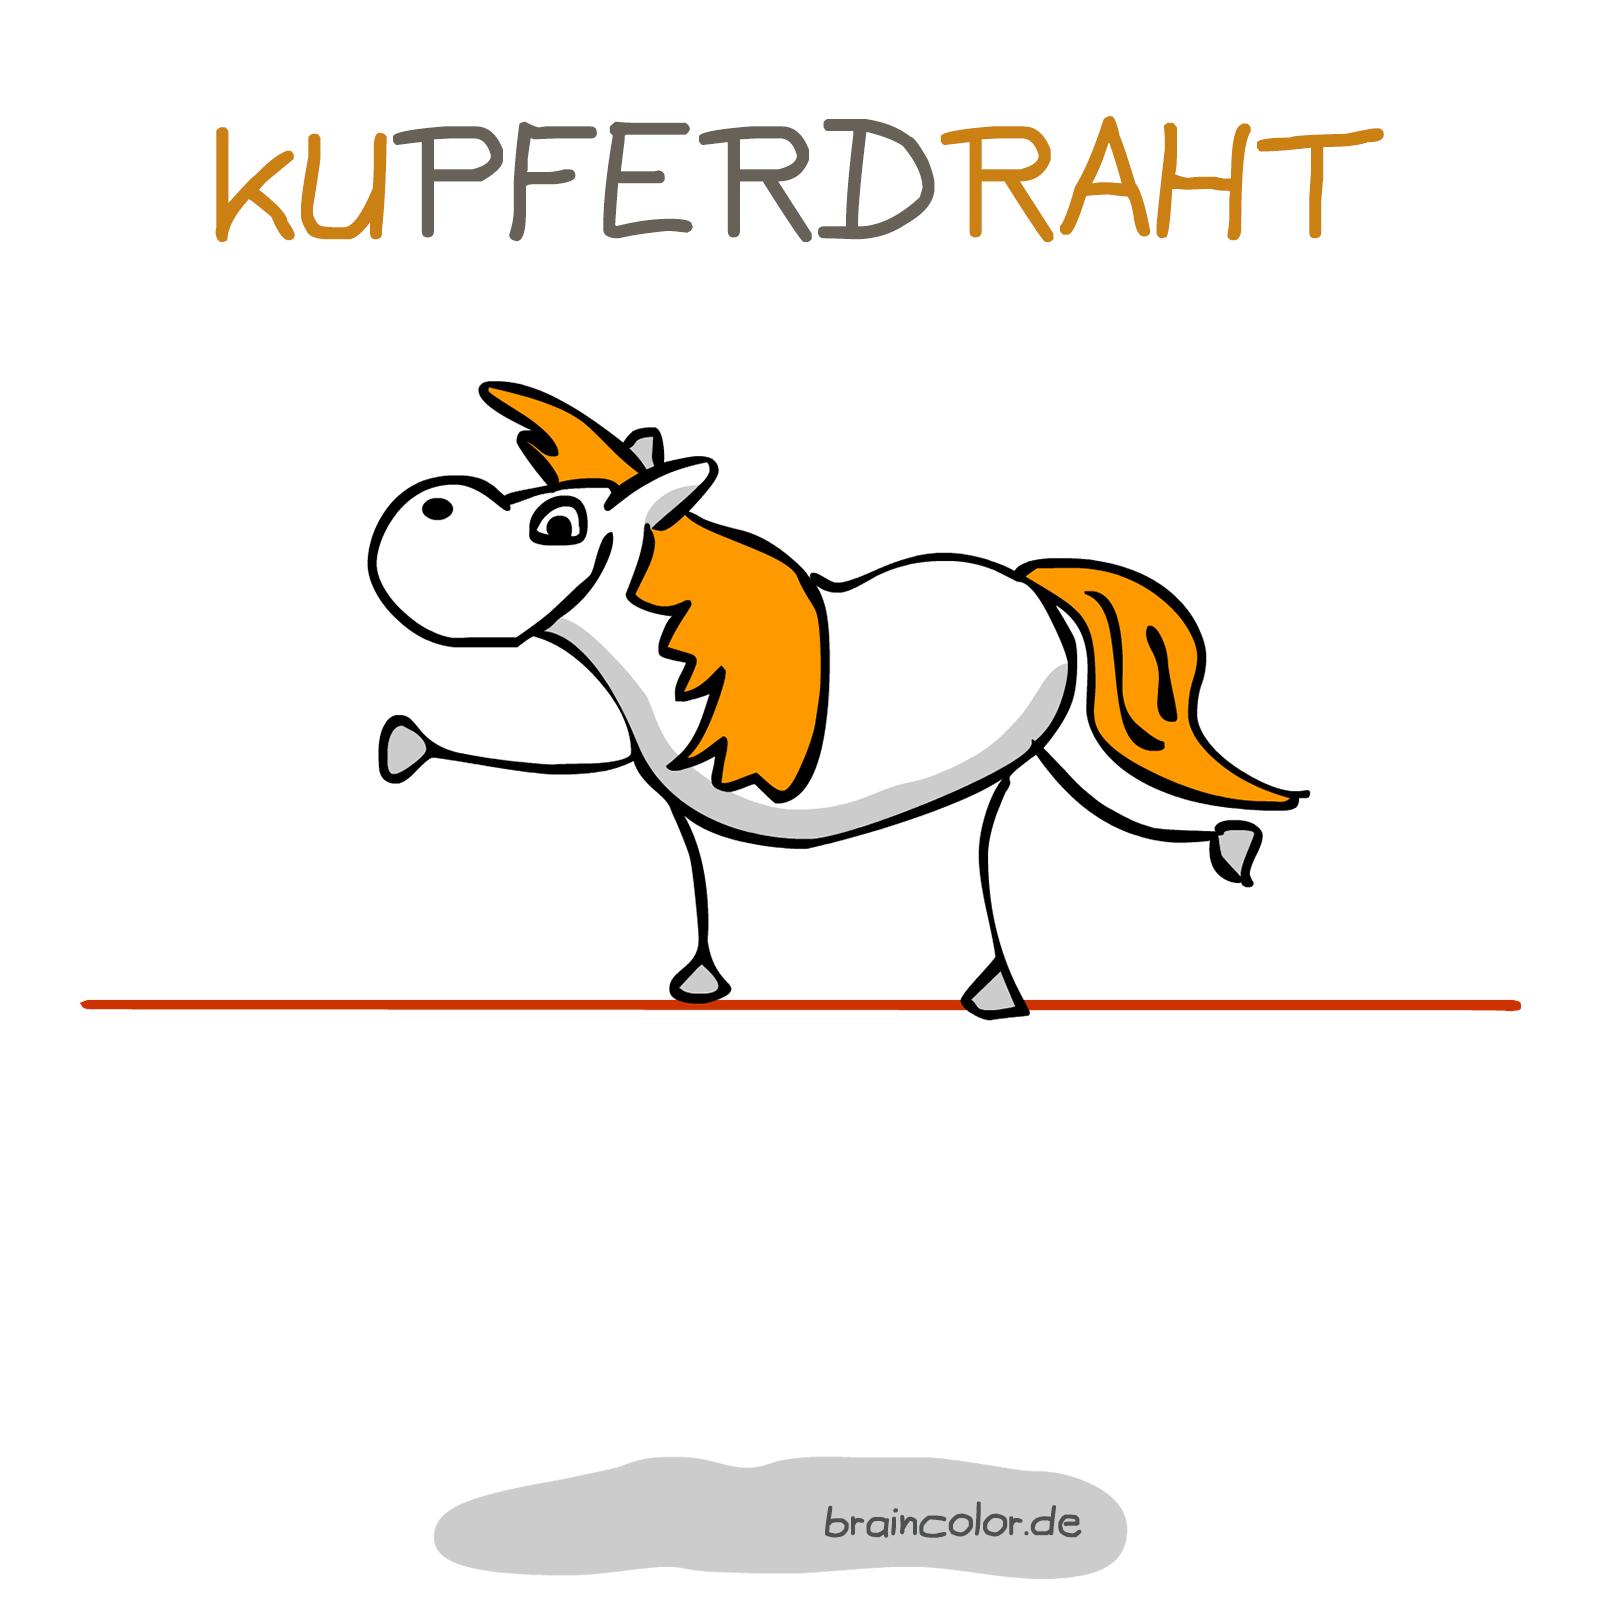 Schön Kupferdraht Tiere Galerie - Der Schaltplan - greigo.com